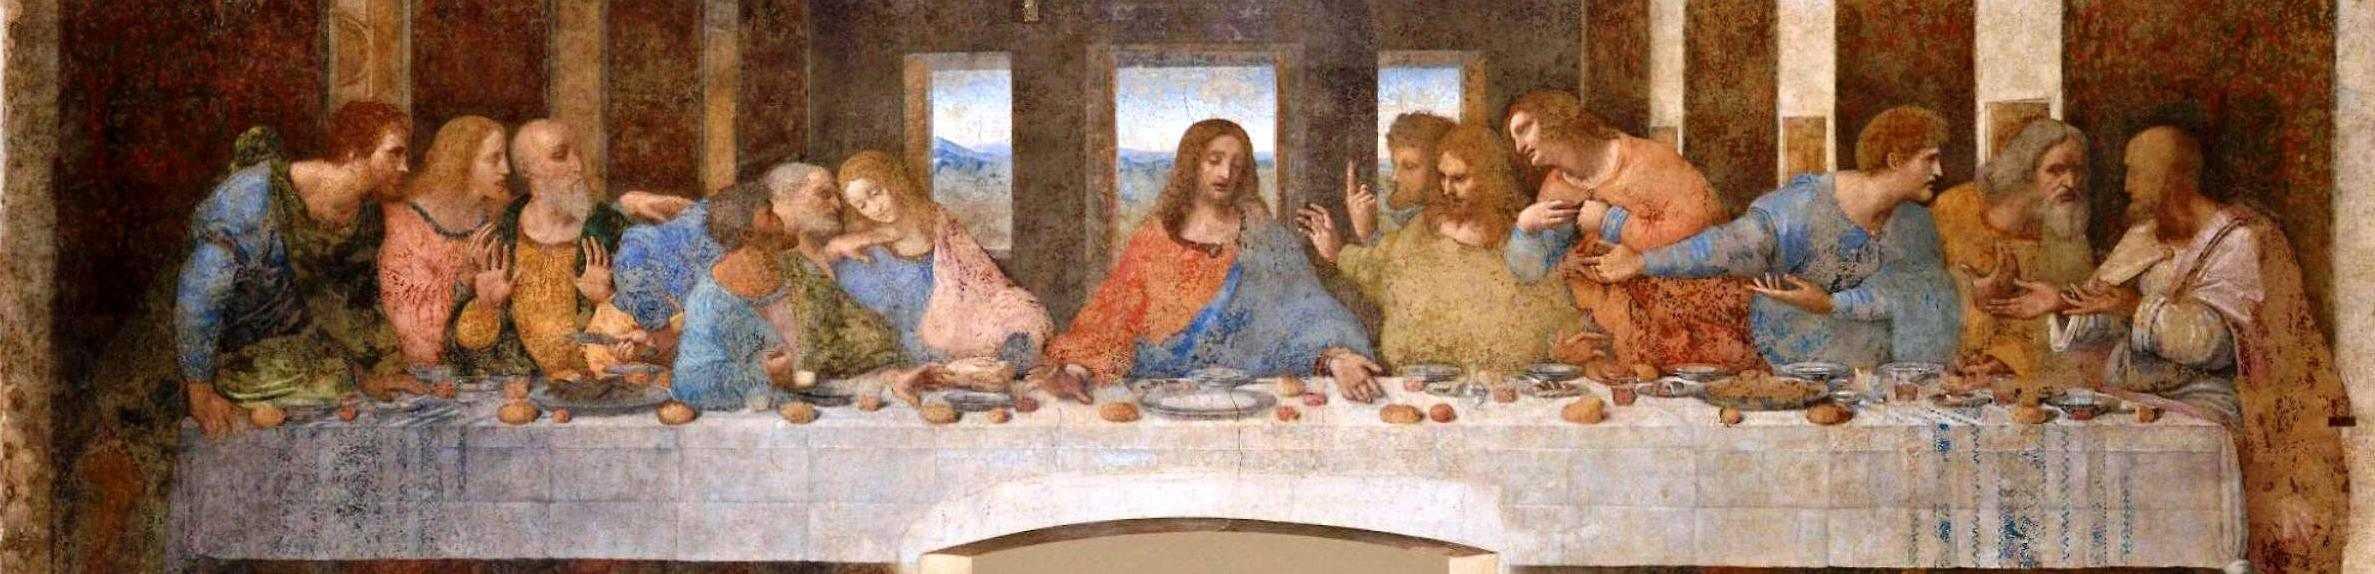 Judas Iscariot The Tra...